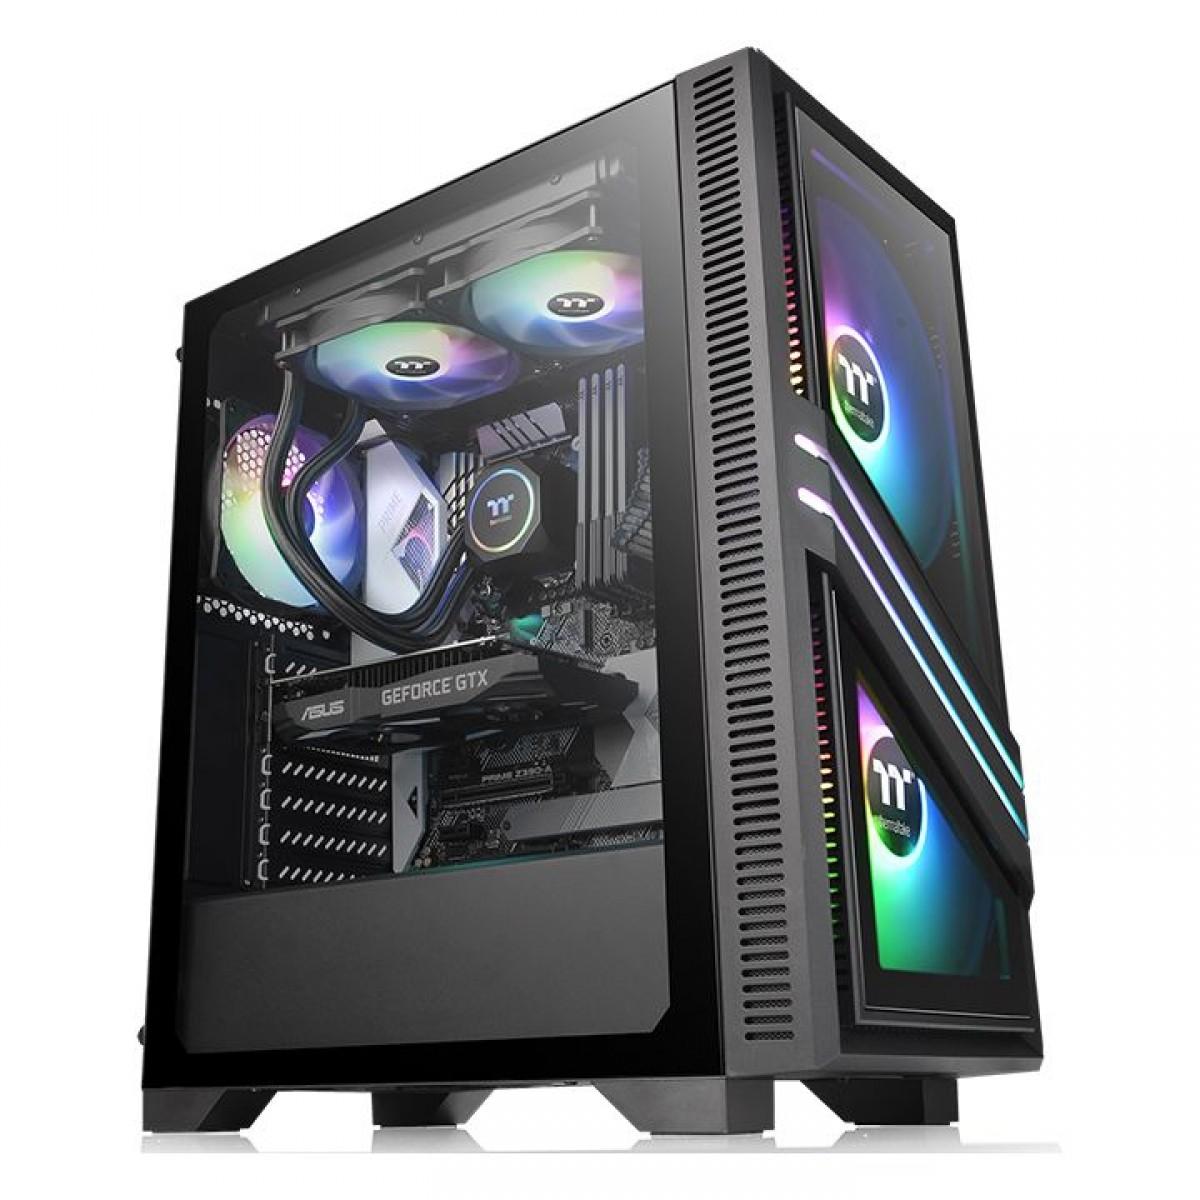 Gabinete Gamer Thermaltake Versa T35 TG RGB, Mid Tower, Vidro Temperado, Black, ATX, Sem Fonte, Com 1 Fan, CA-1R7-00M1WN-00